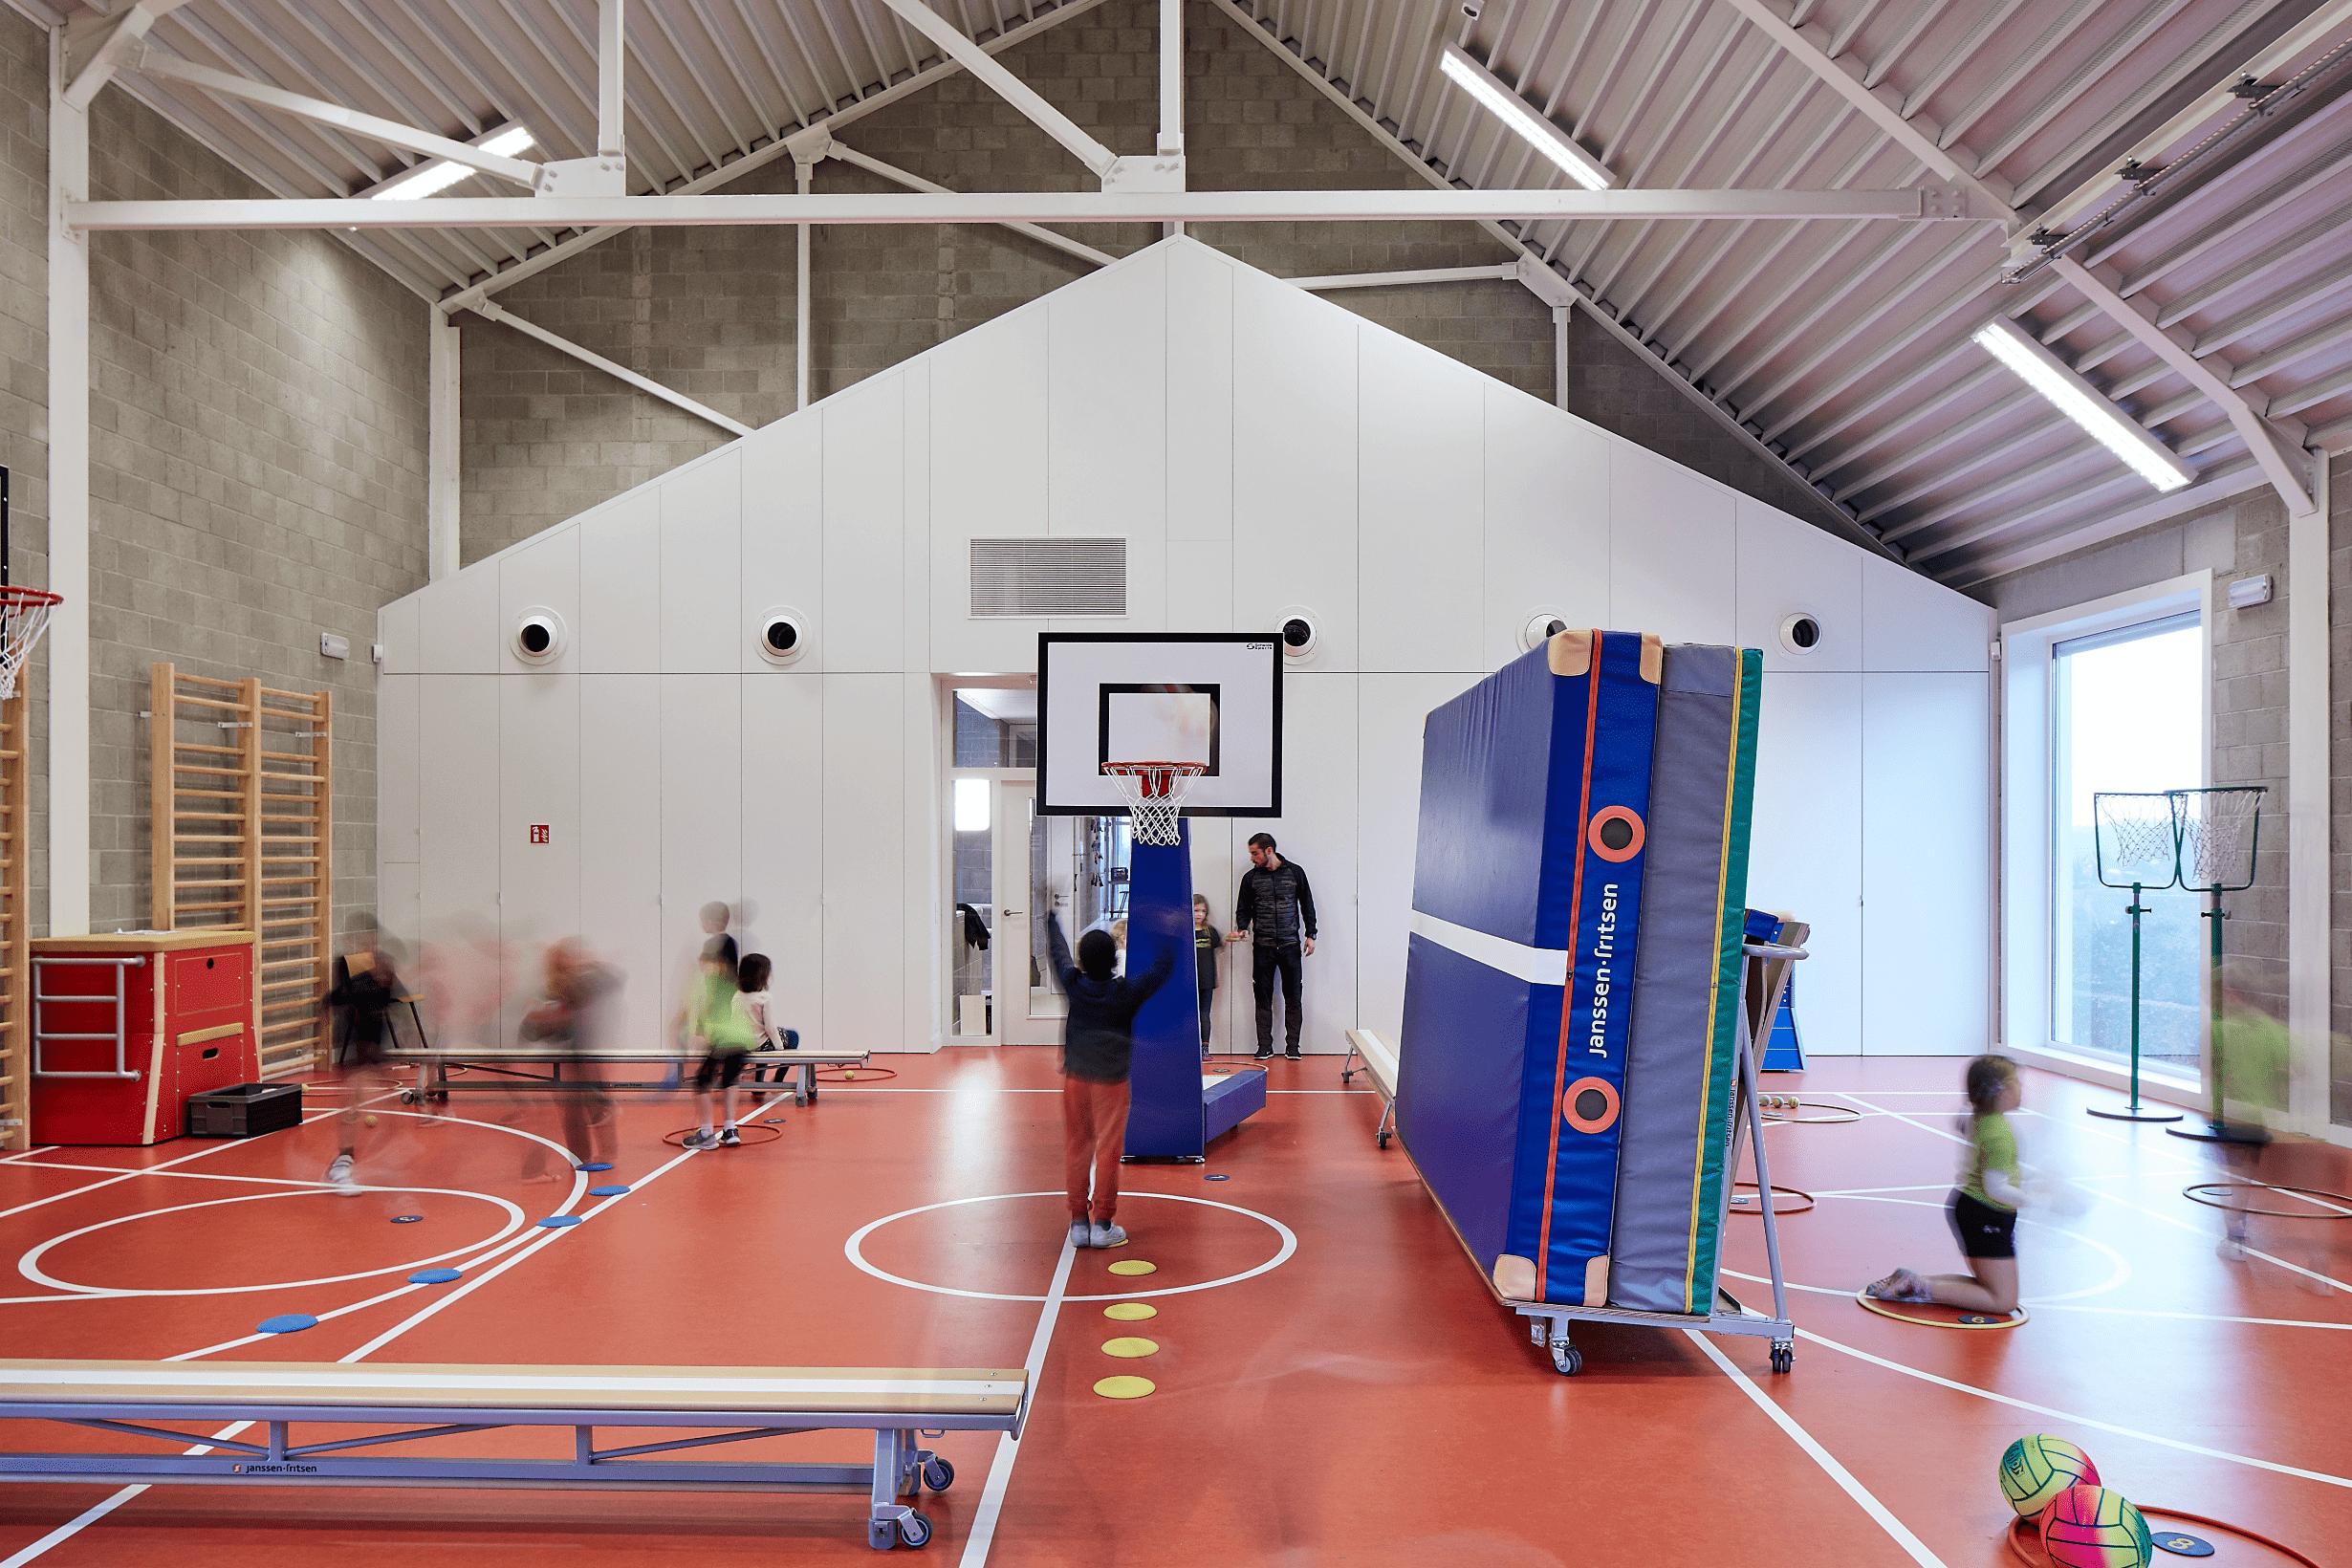 Basisschool De Oogappel: Turnzaal